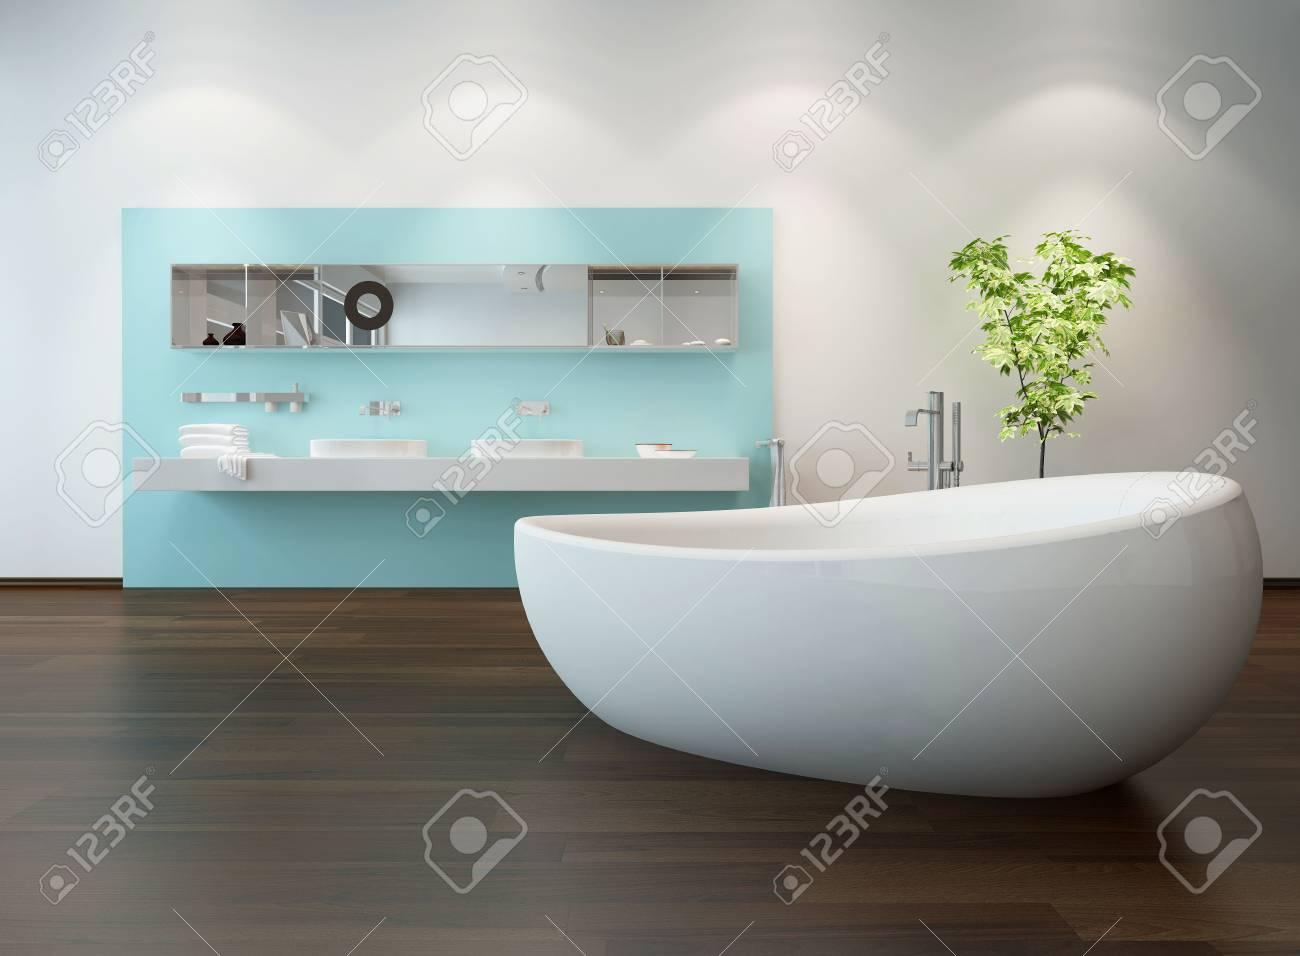 Vasca Bagno Freestanding : Interno bagno di lusso con una bella vasca da bagno freestanding